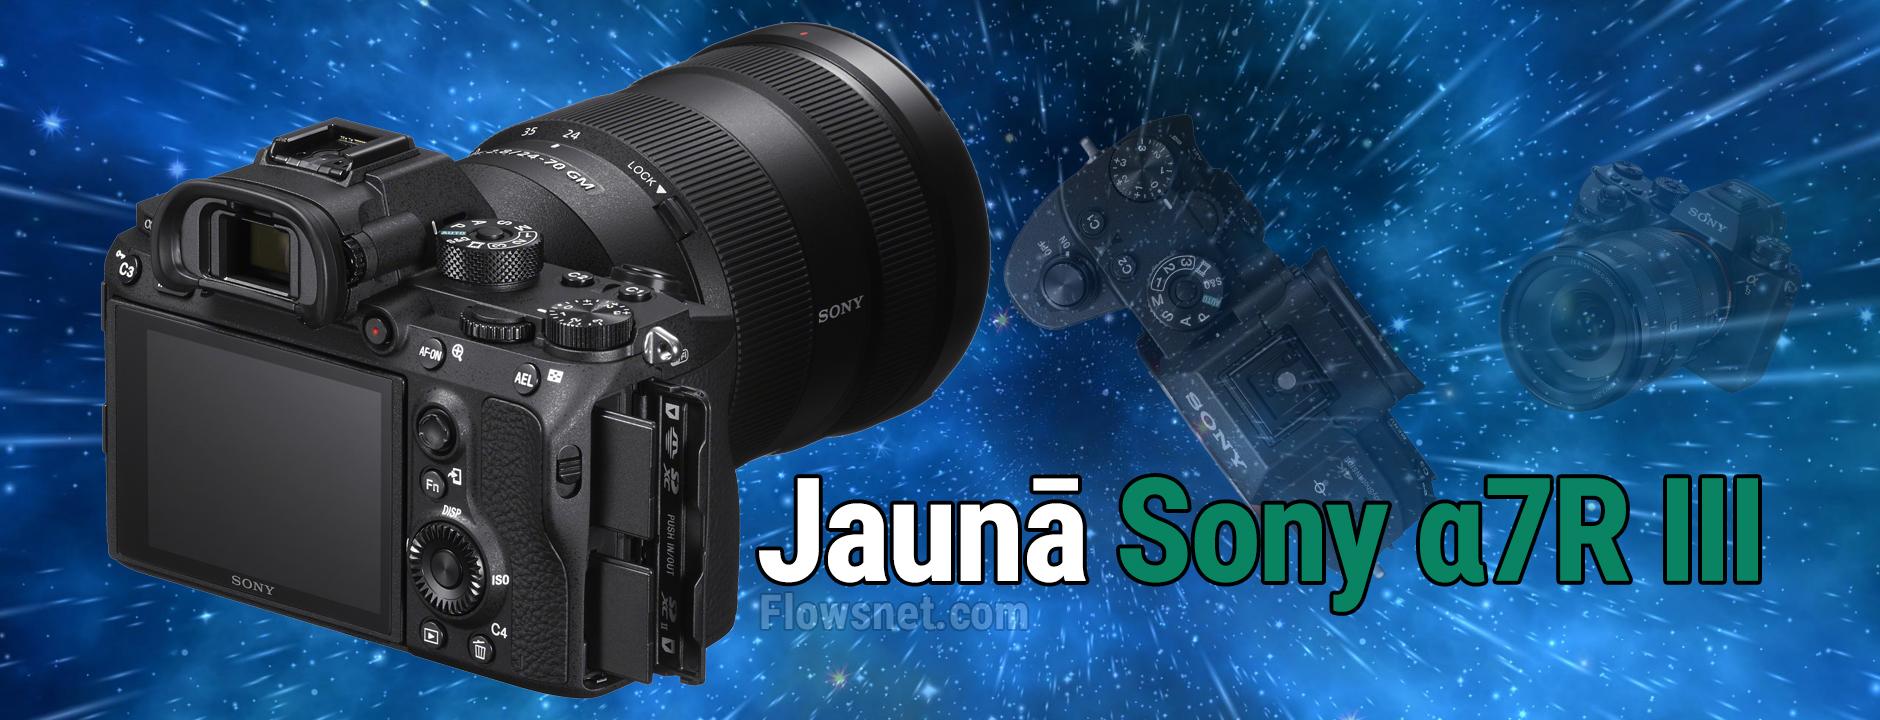 Sony jaunā pilna kadra α7R III maināmā objektīva kamera nodrošina izcilu augstas izšķirtspējas un  ātruma kombināciju